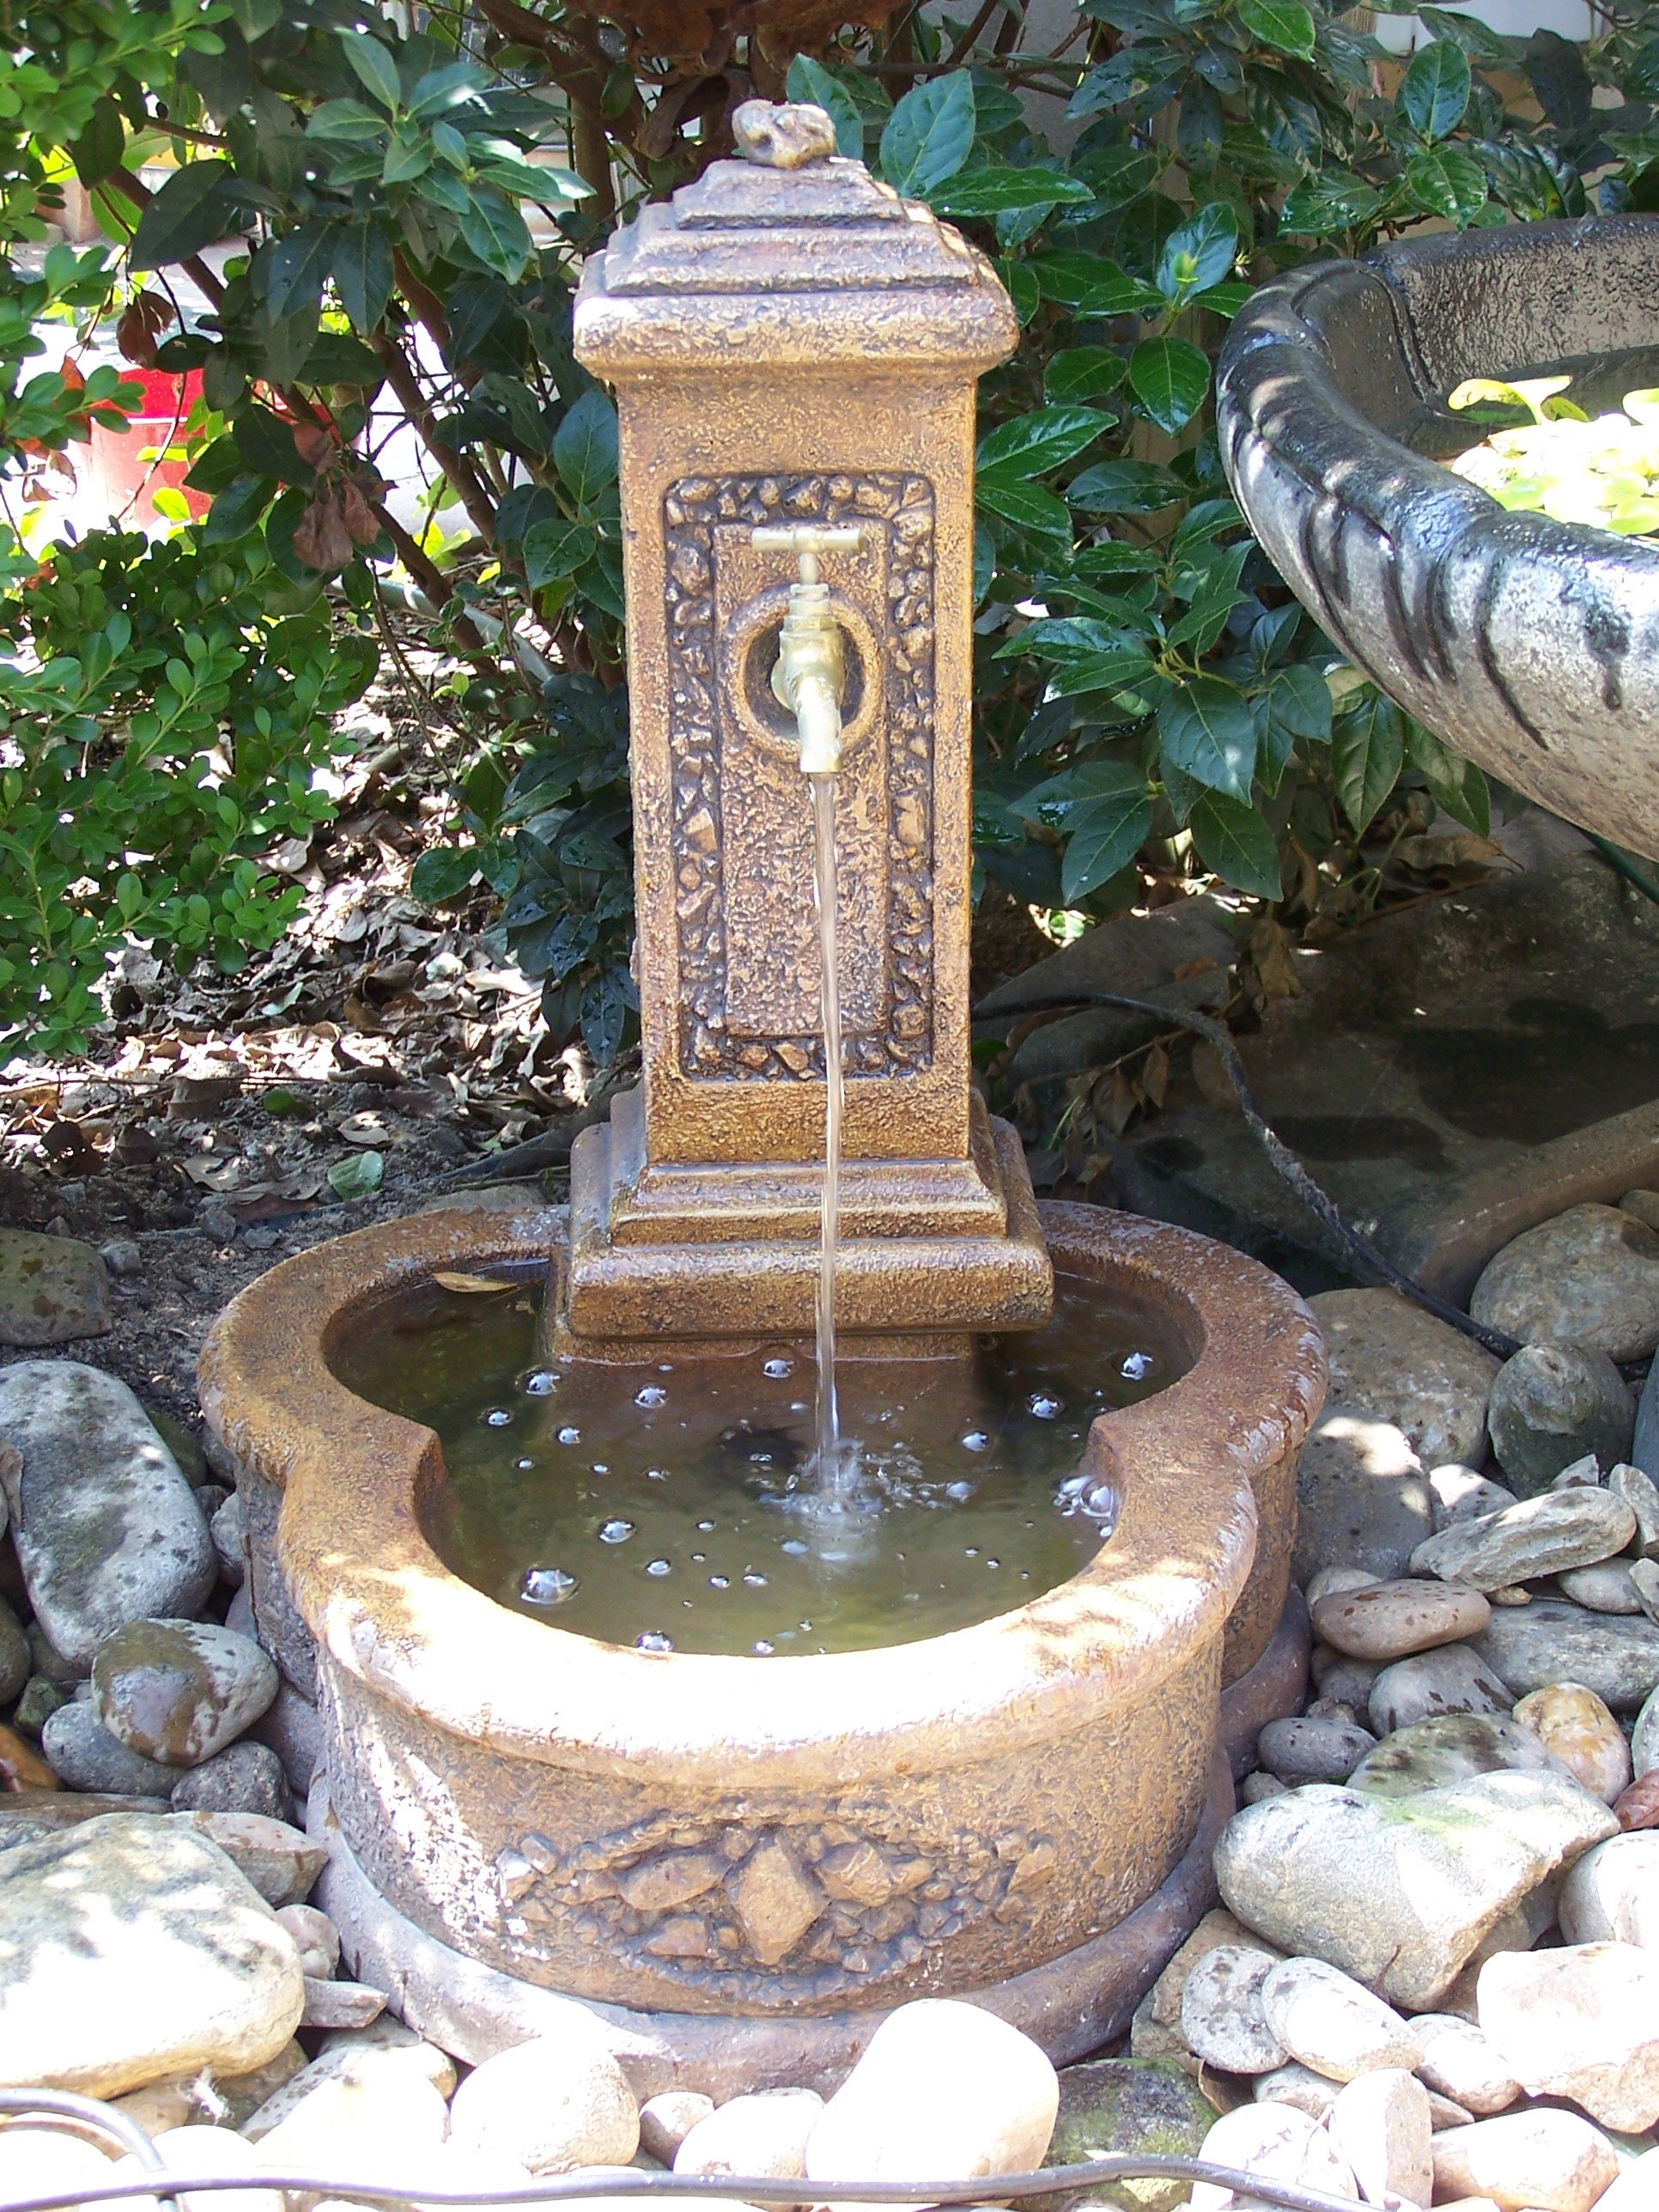 Faucet Fountain   Vista garden, Fountain, Outdoor decor